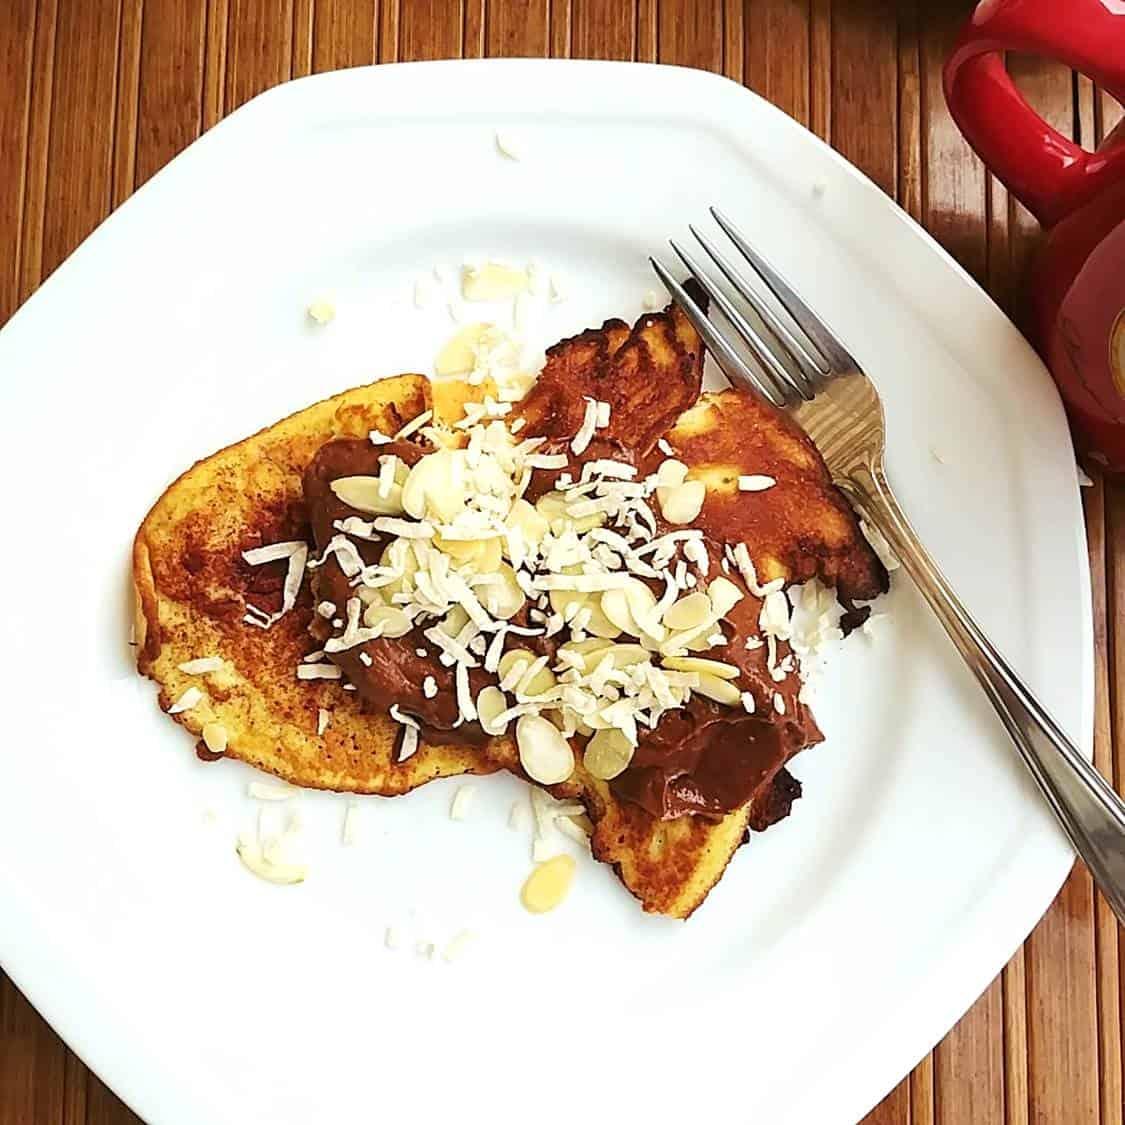 Crêpes sans sucre sur assiette blanche - lien menant vers la recette